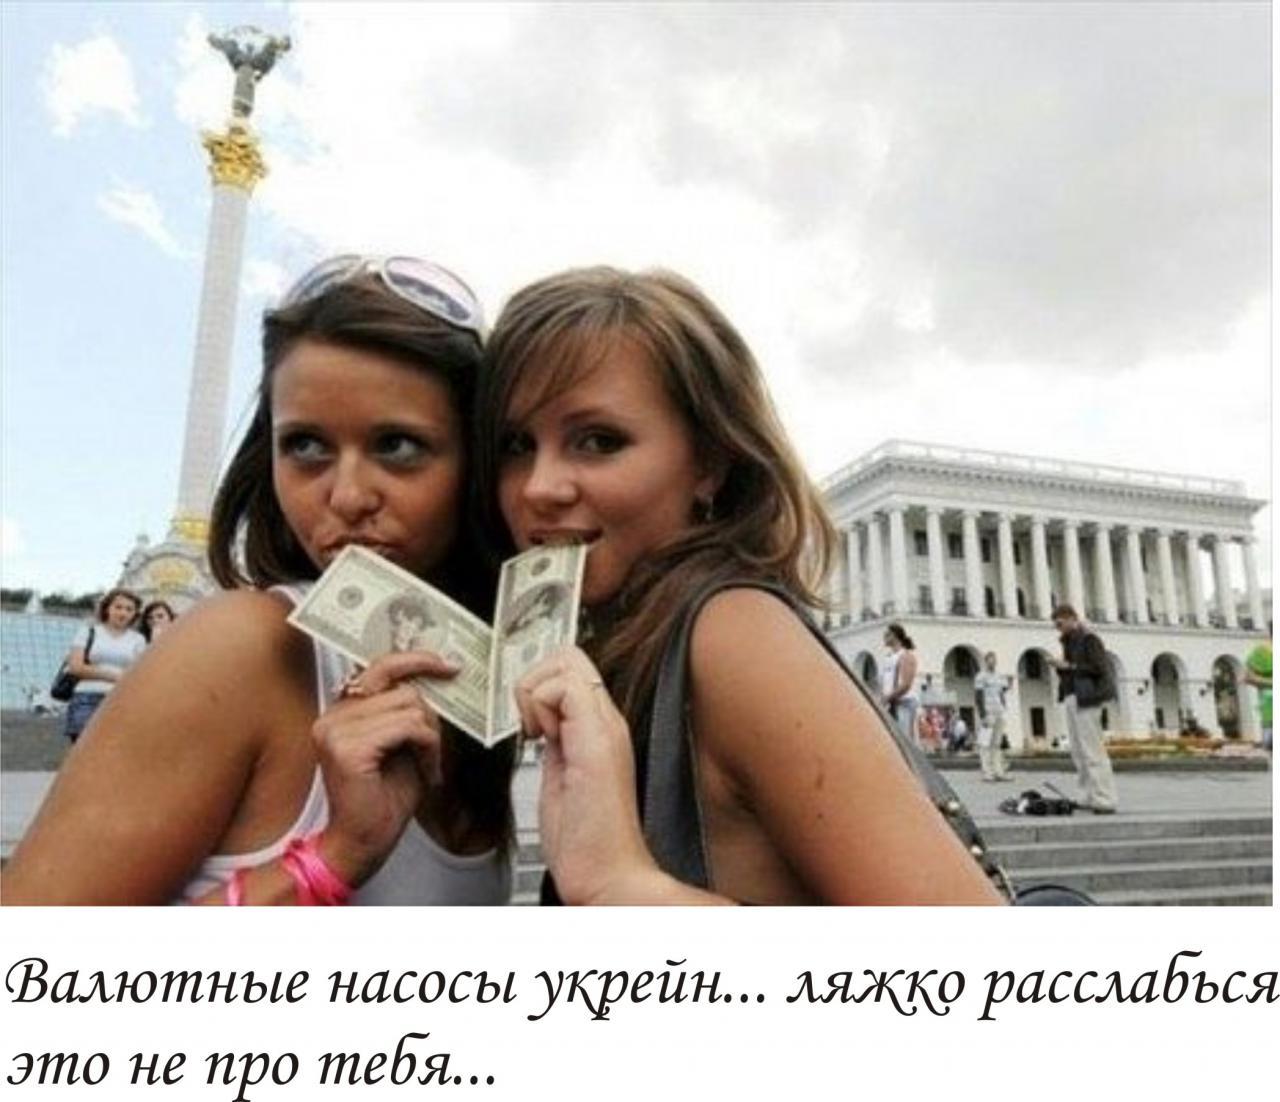 Проституция россии фото 7 фотография